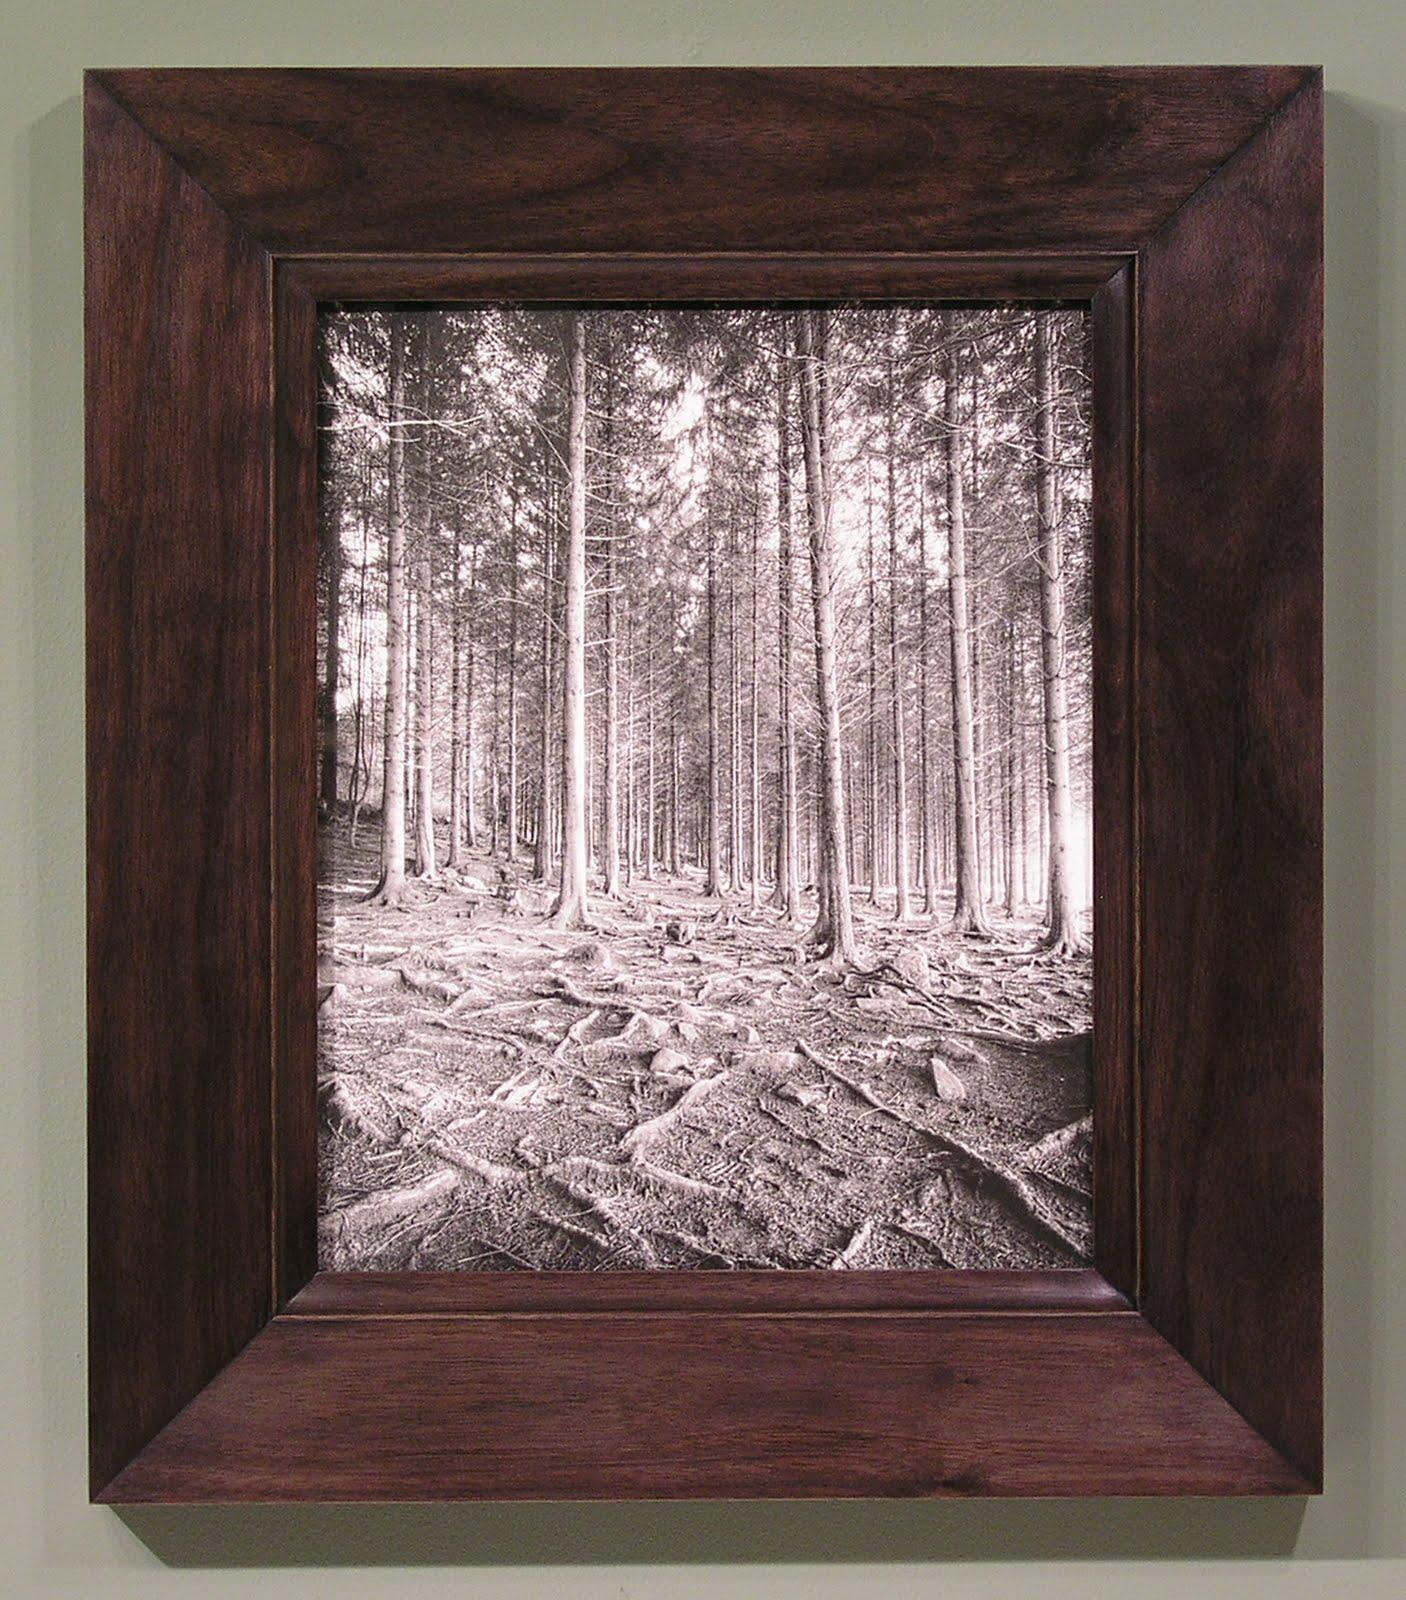 a frame maker s journal framing photographs i contemporary